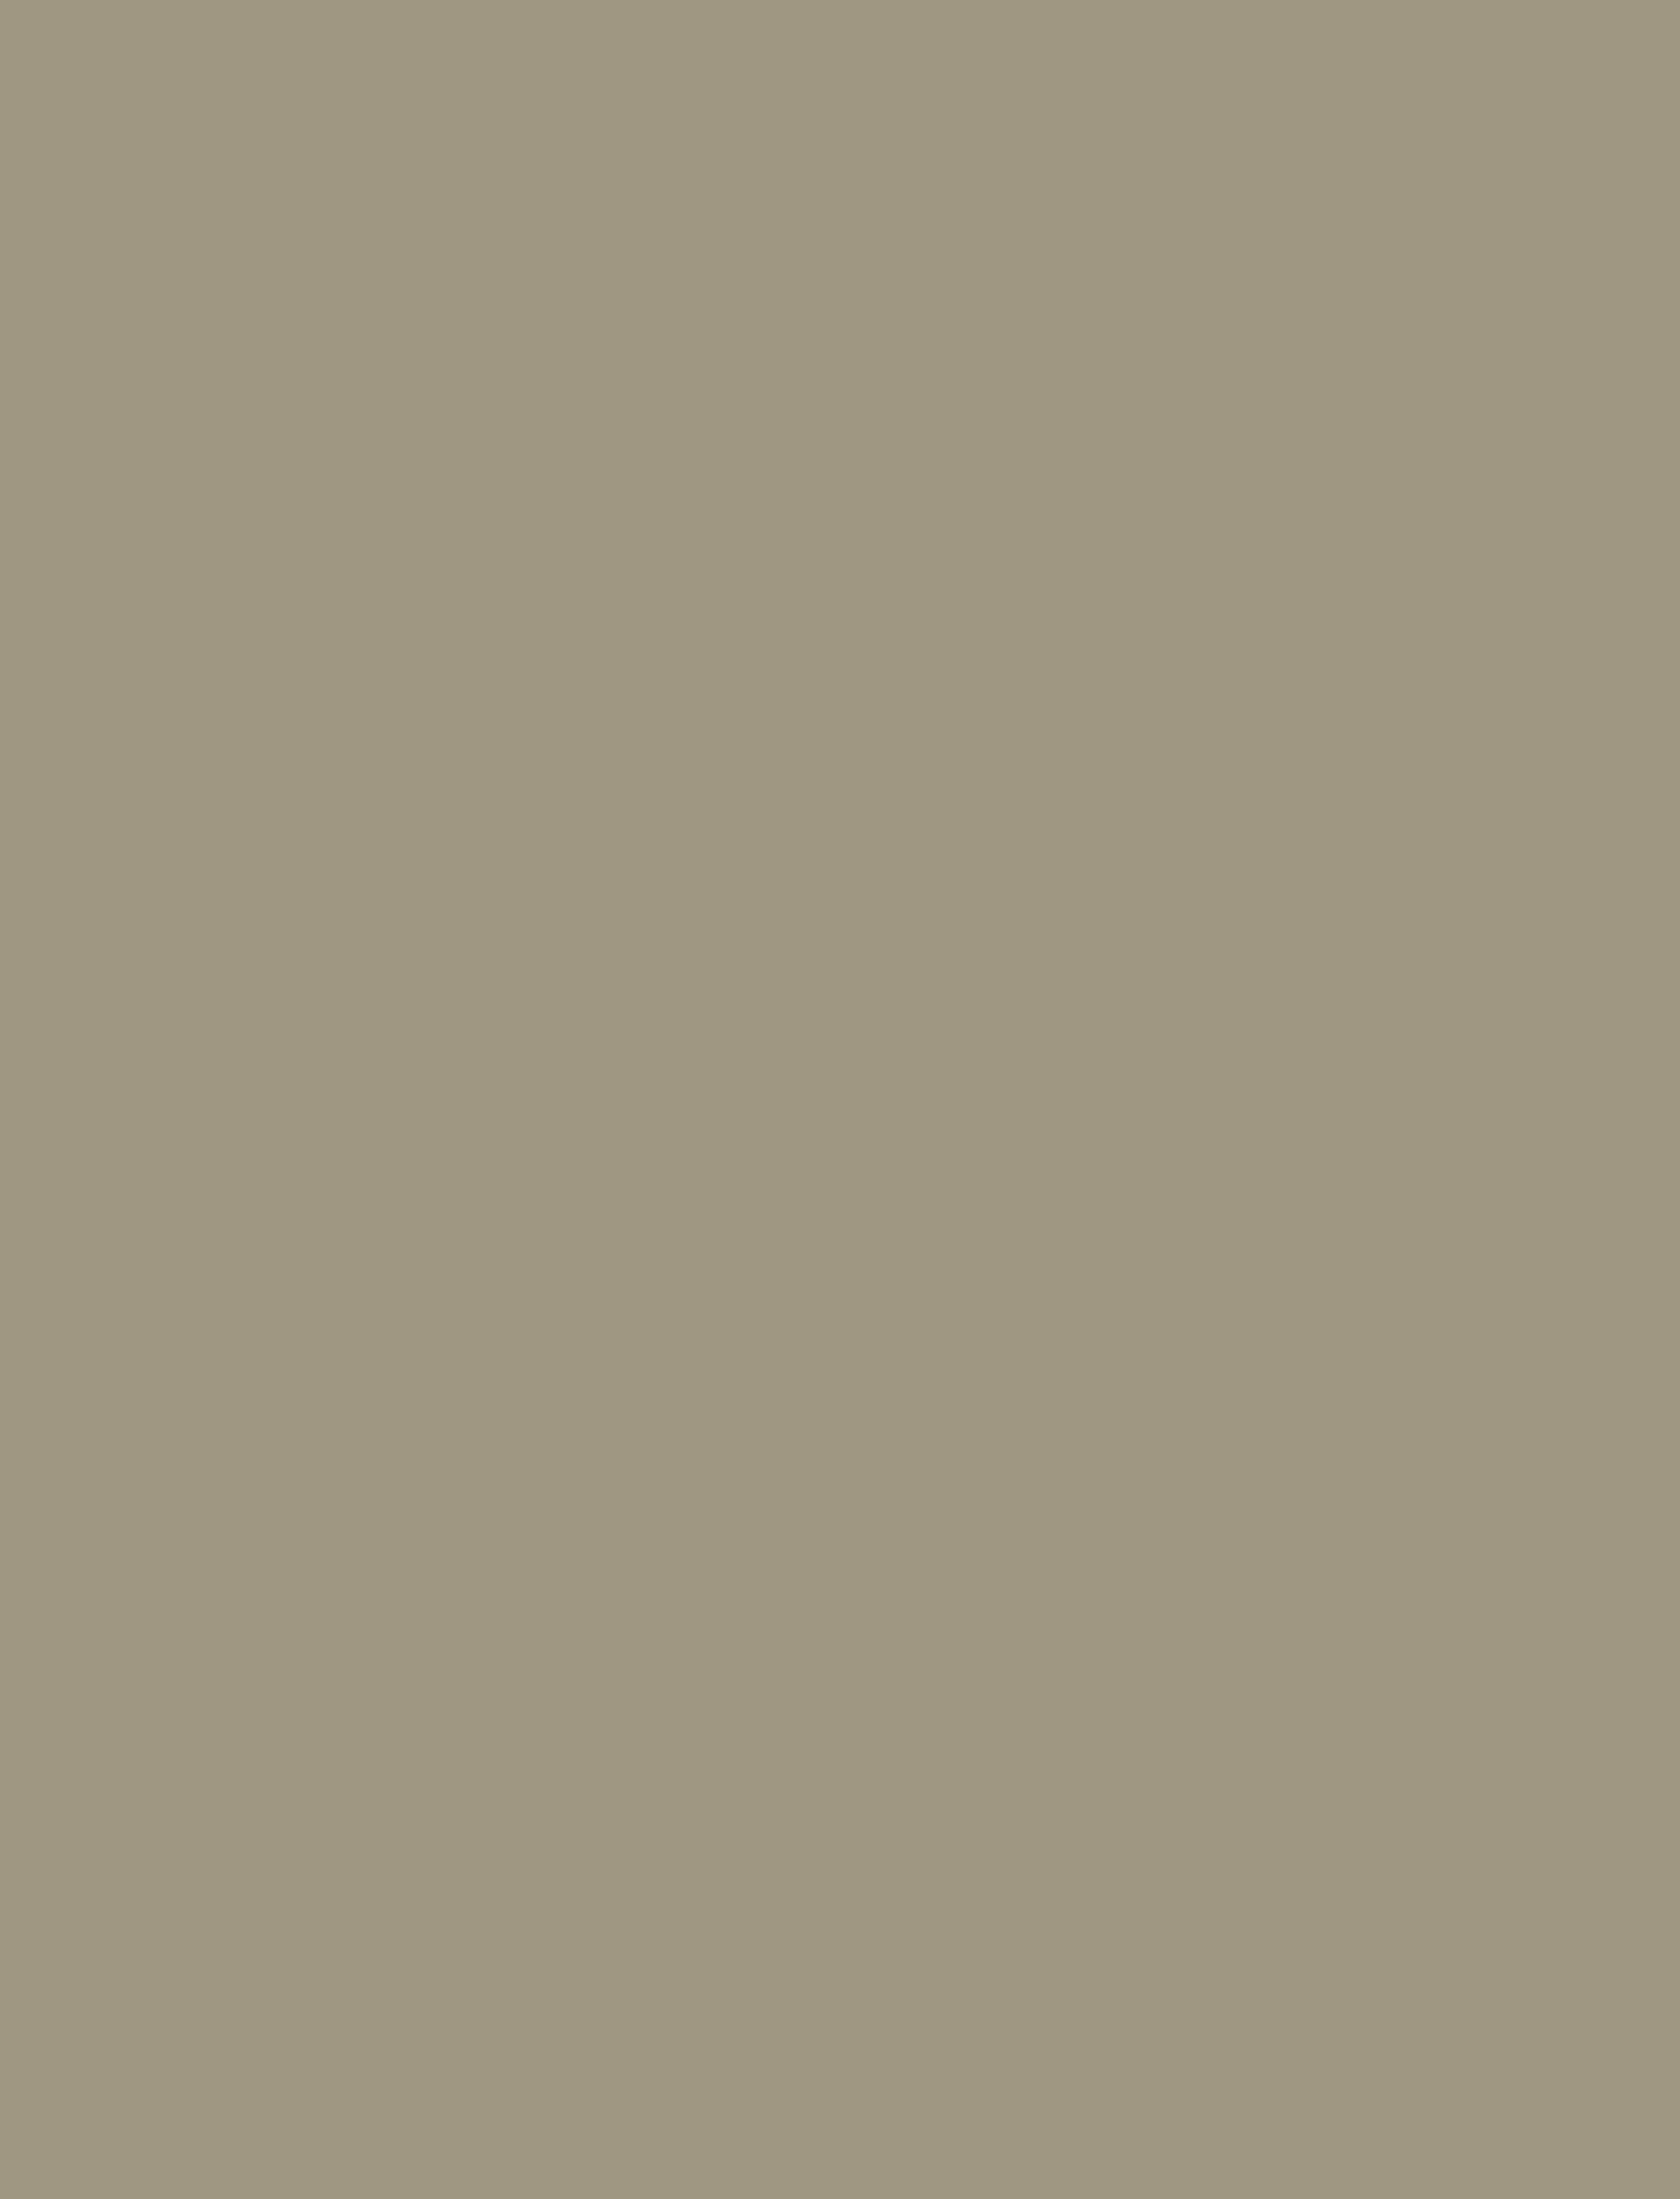 Sandstone 73